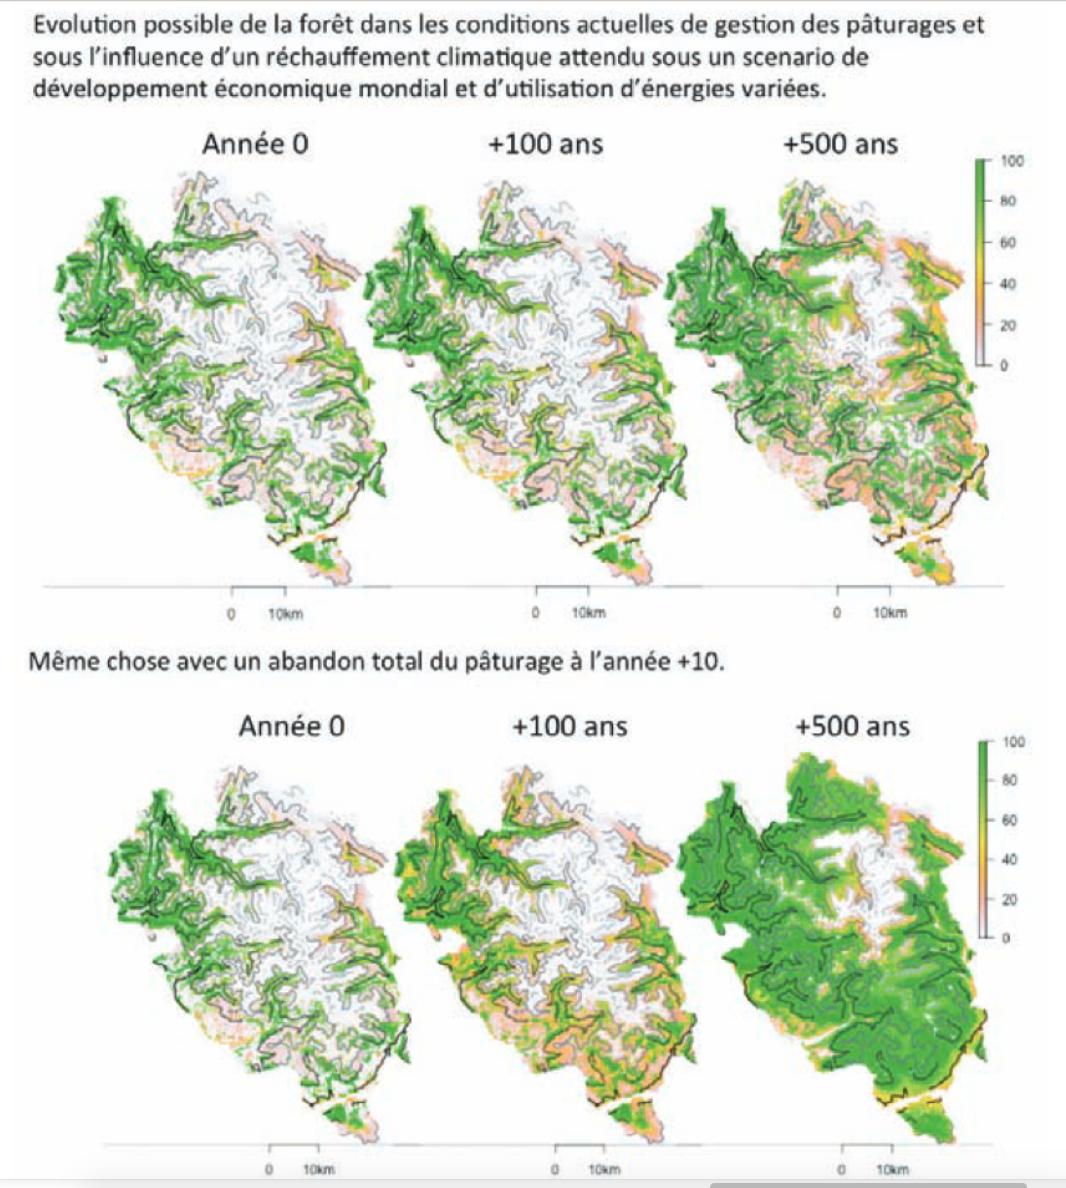 évolution prospective de la forêt dans le Parc national des Ecrins - LECA